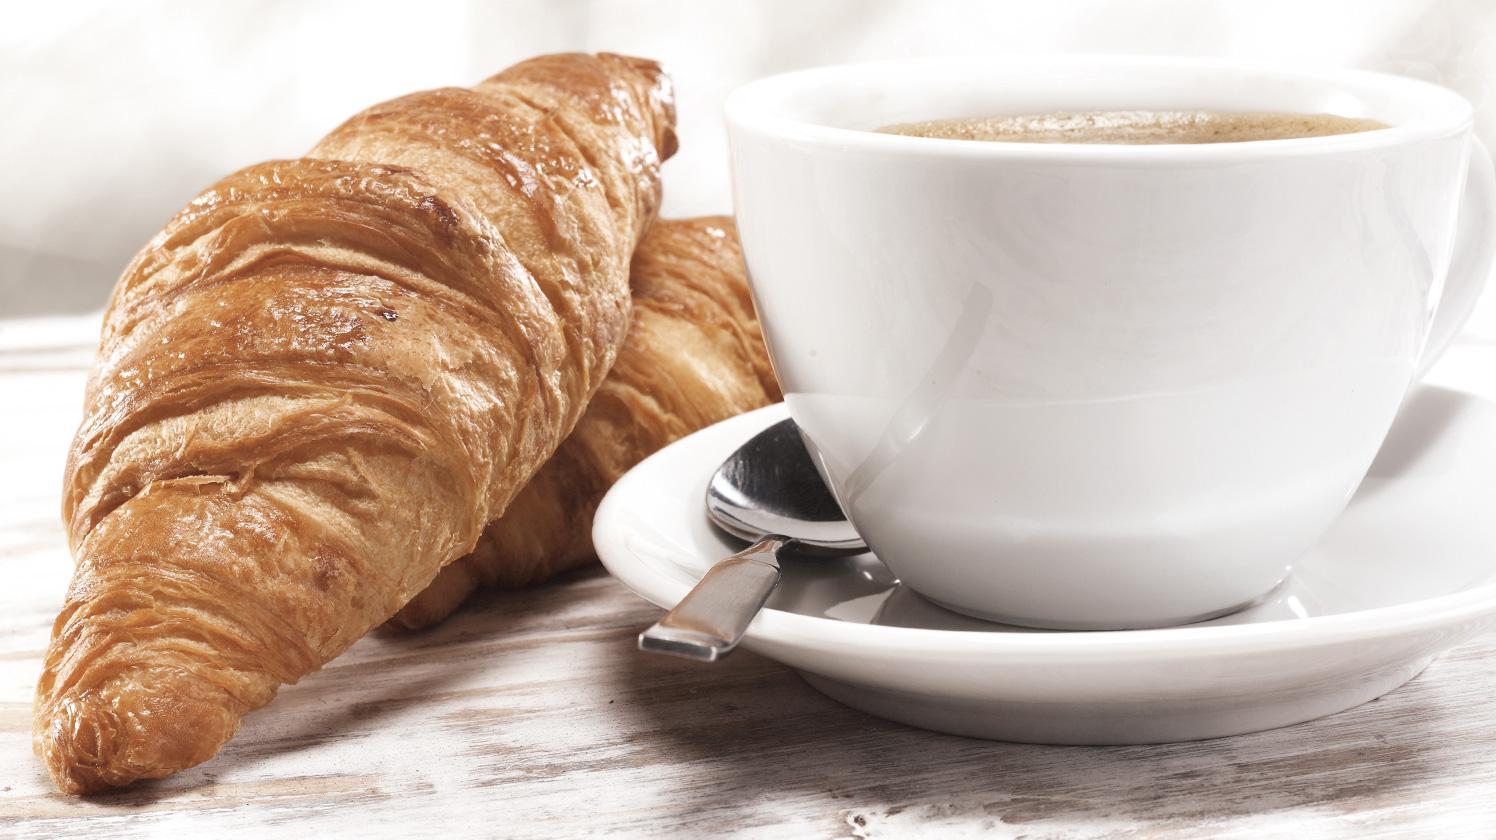 BRITA Wasser Café Bäckerei Croissants Kaffee